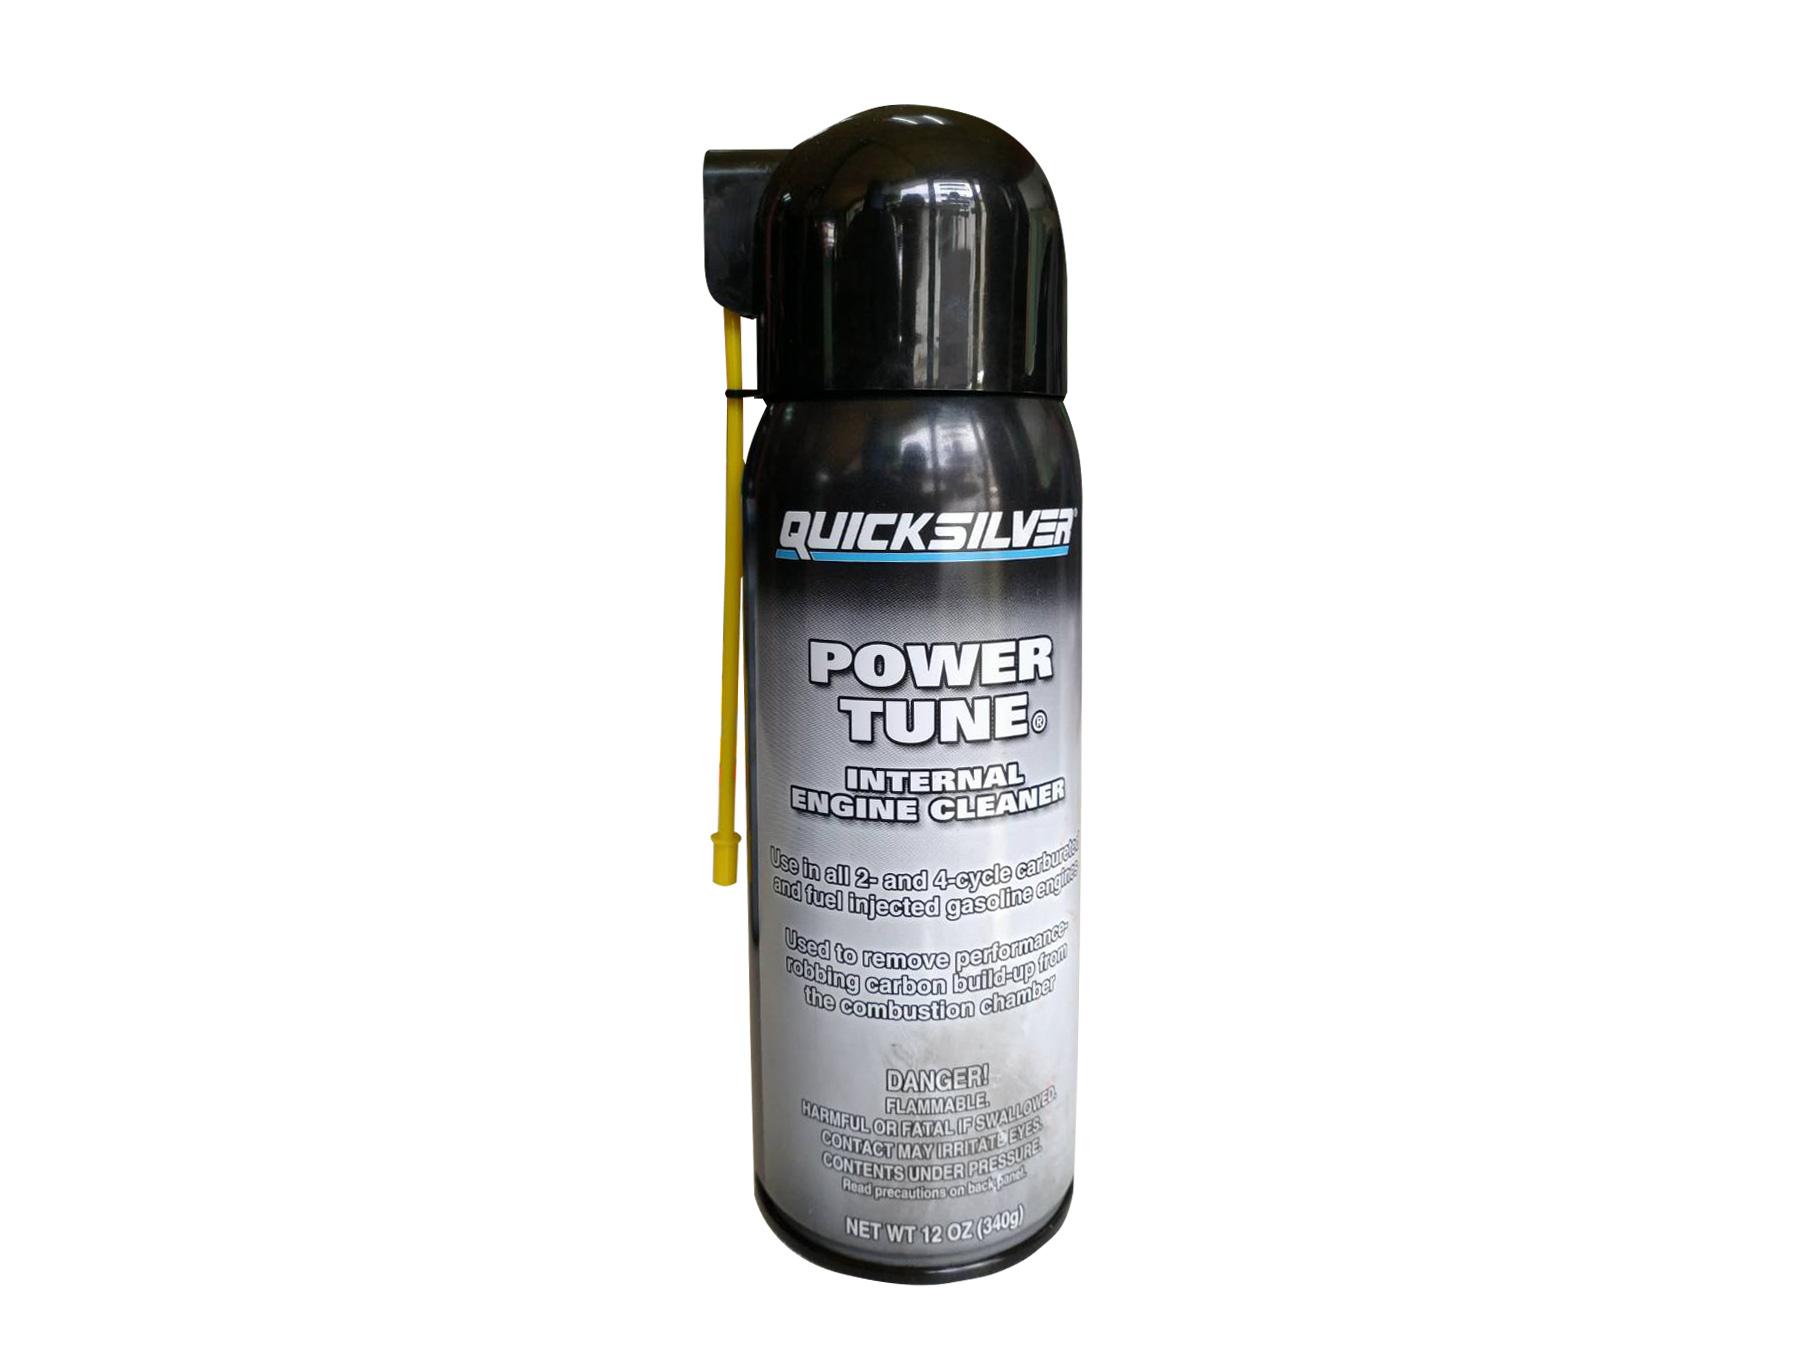 QUICKSILVER POWER TUNE  INTERNAL ENGINE CLEANER